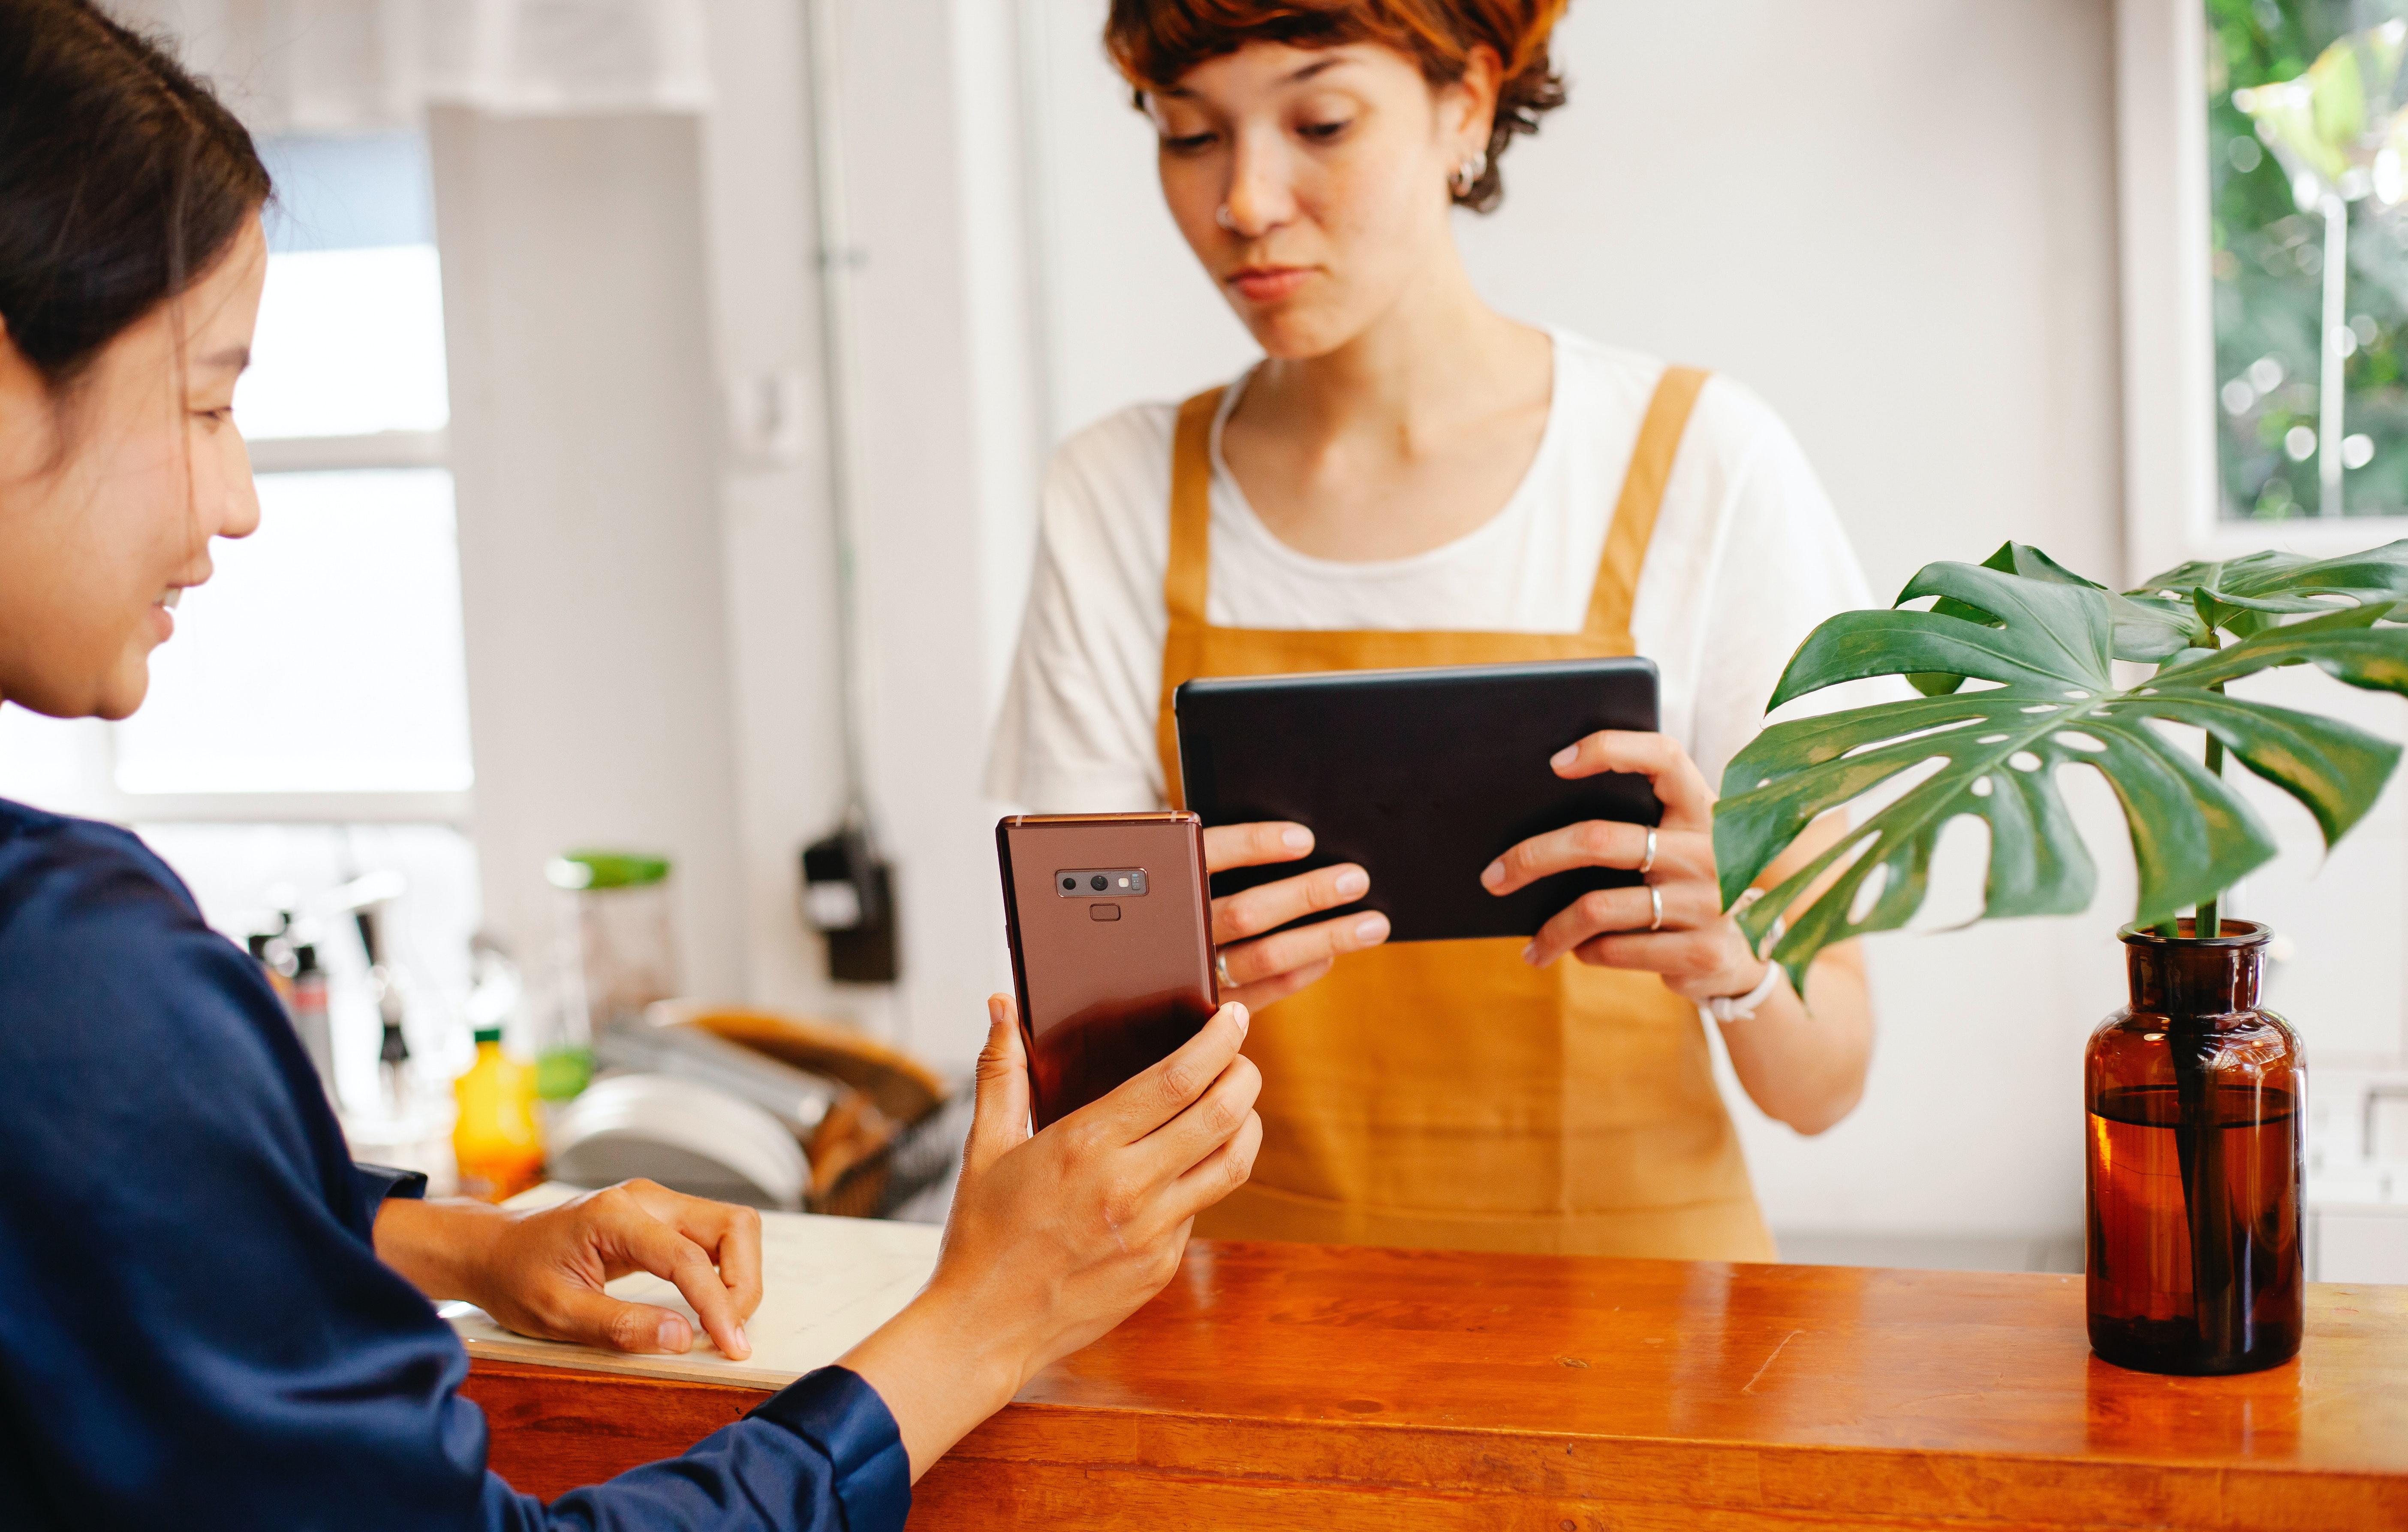 Abschaffung Einzahlungsschein: Das bringt die neue QR-Rechnung